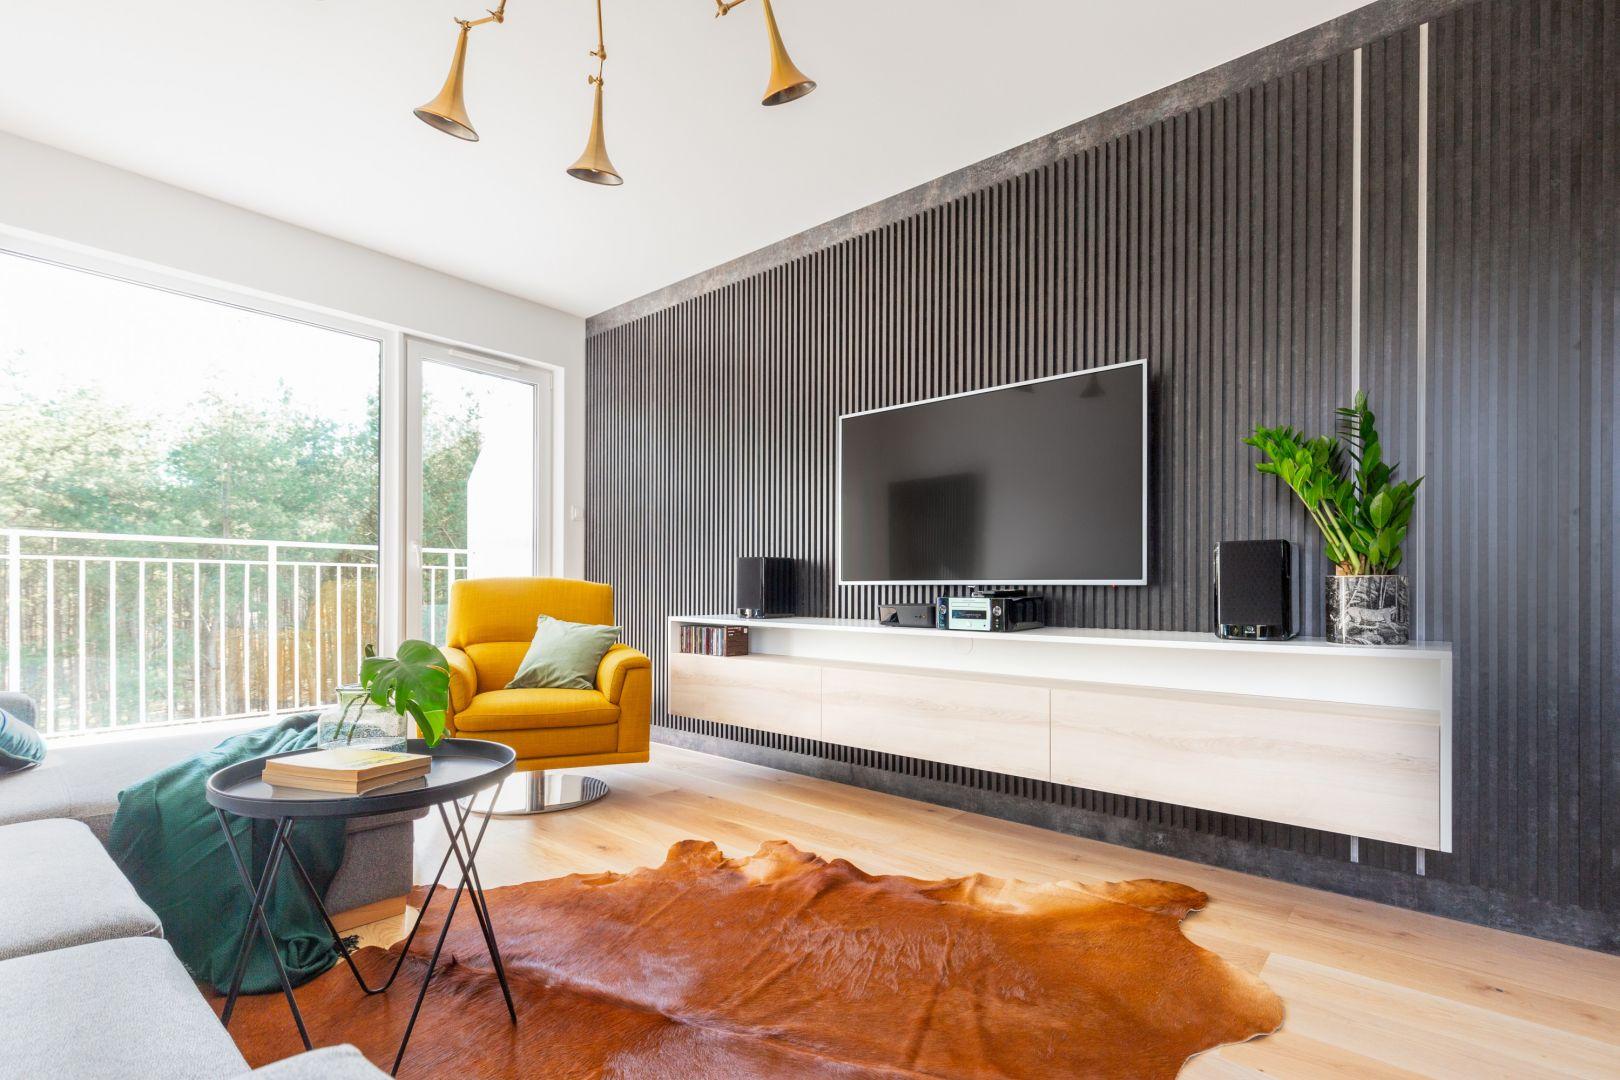 Ścianę za telewizorem zdobią dekoracyjne panele. Projekt gama design współ Joanna Rej fot Pion Poziom